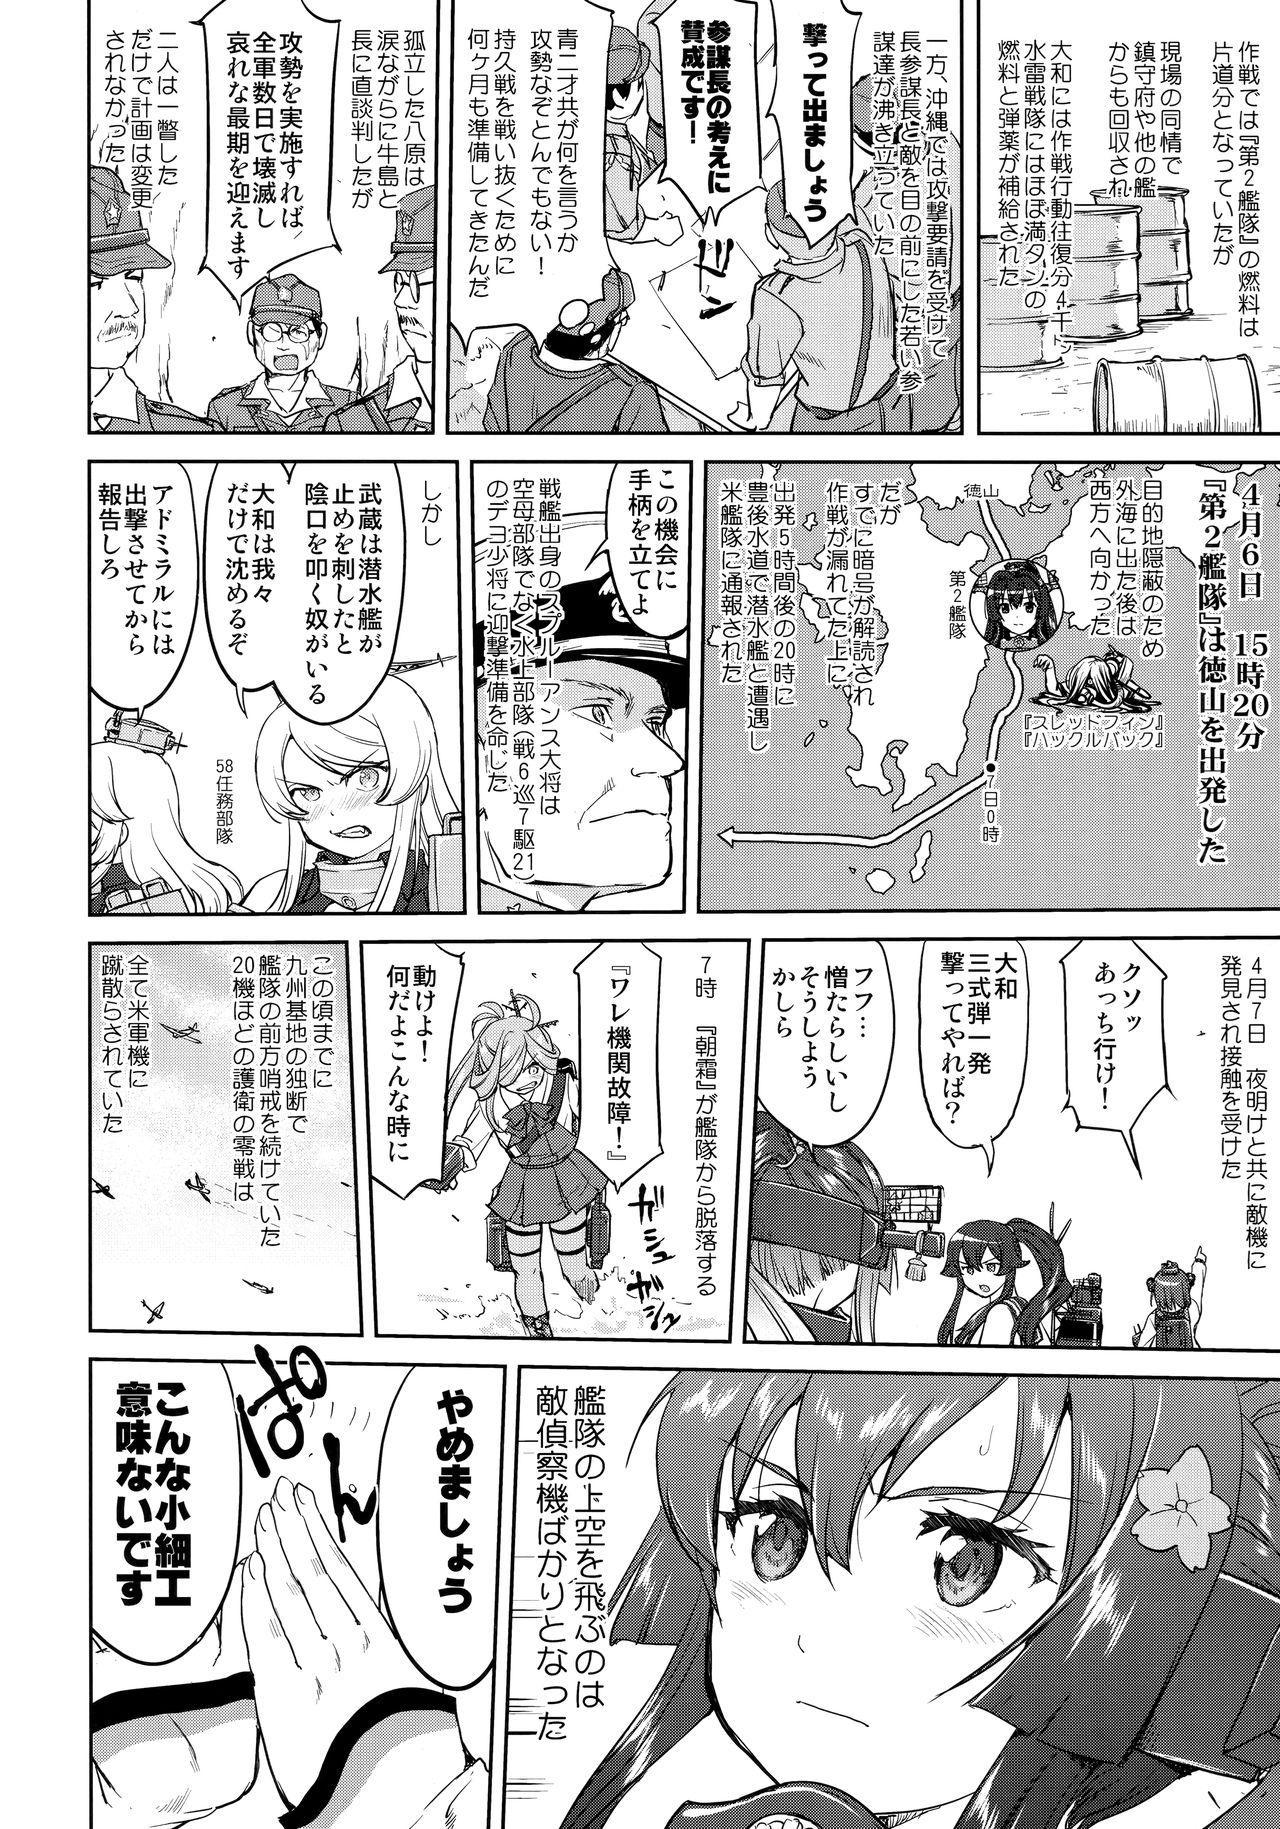 Teitoku no Ketsudan Kanmusu no Ichiban Nagai Hi 11